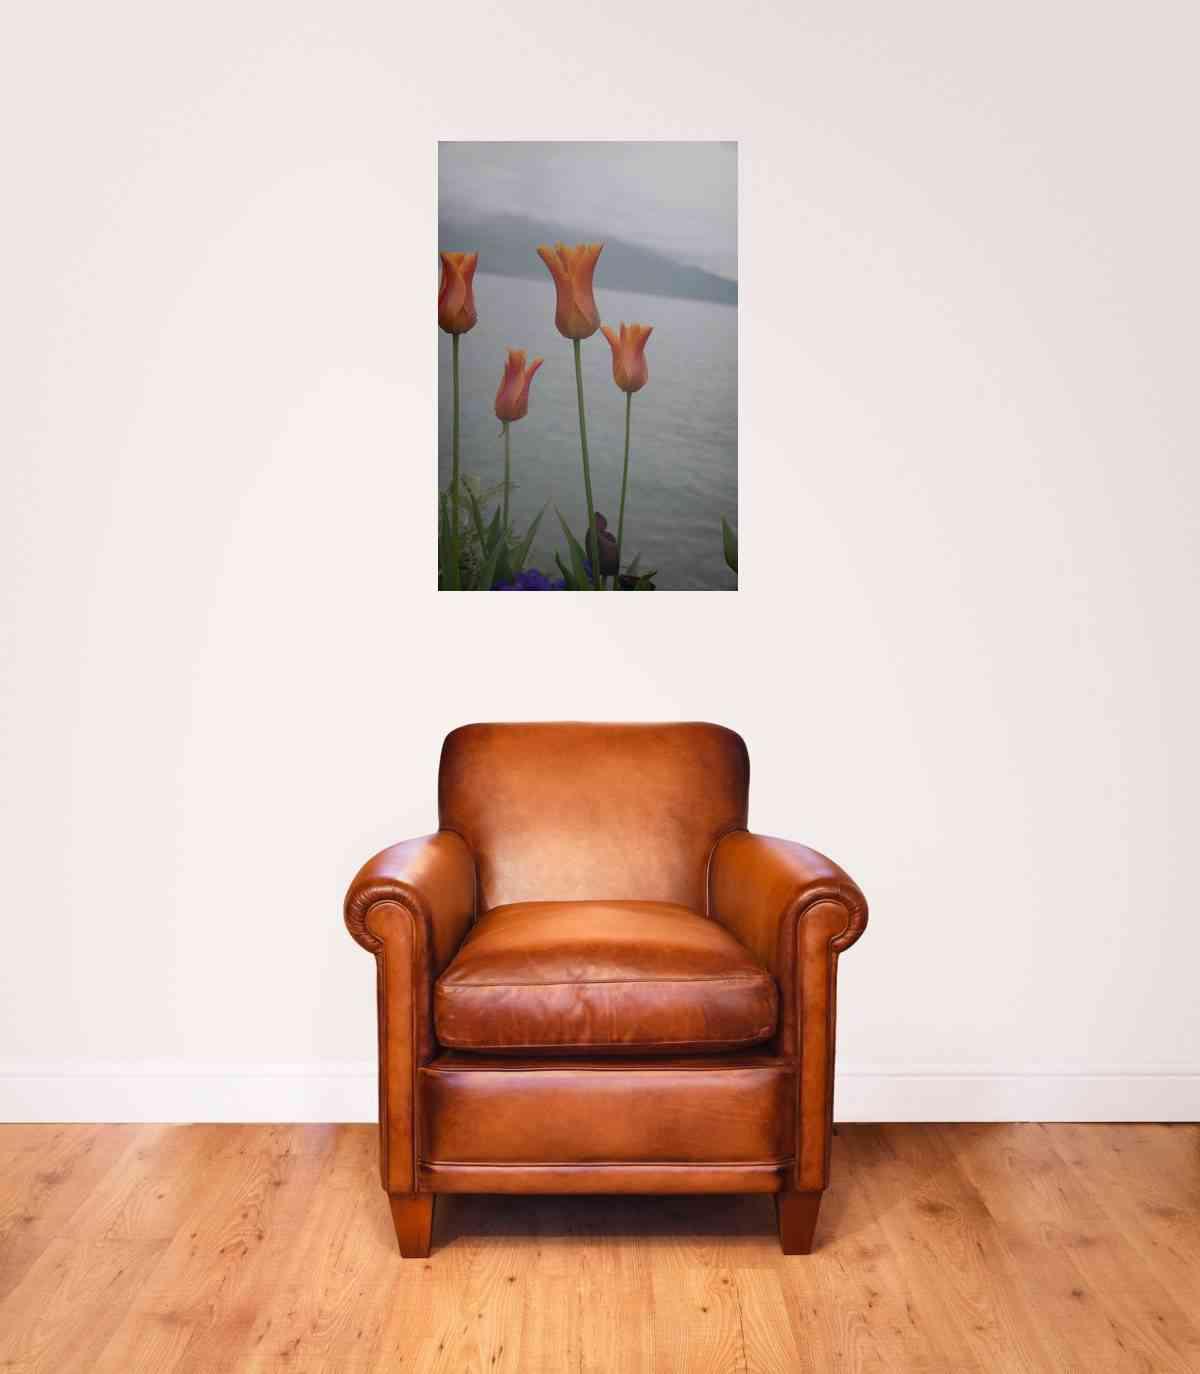 Cuadros de fotografías - cuadro de aluminio tulipanes en Suiza